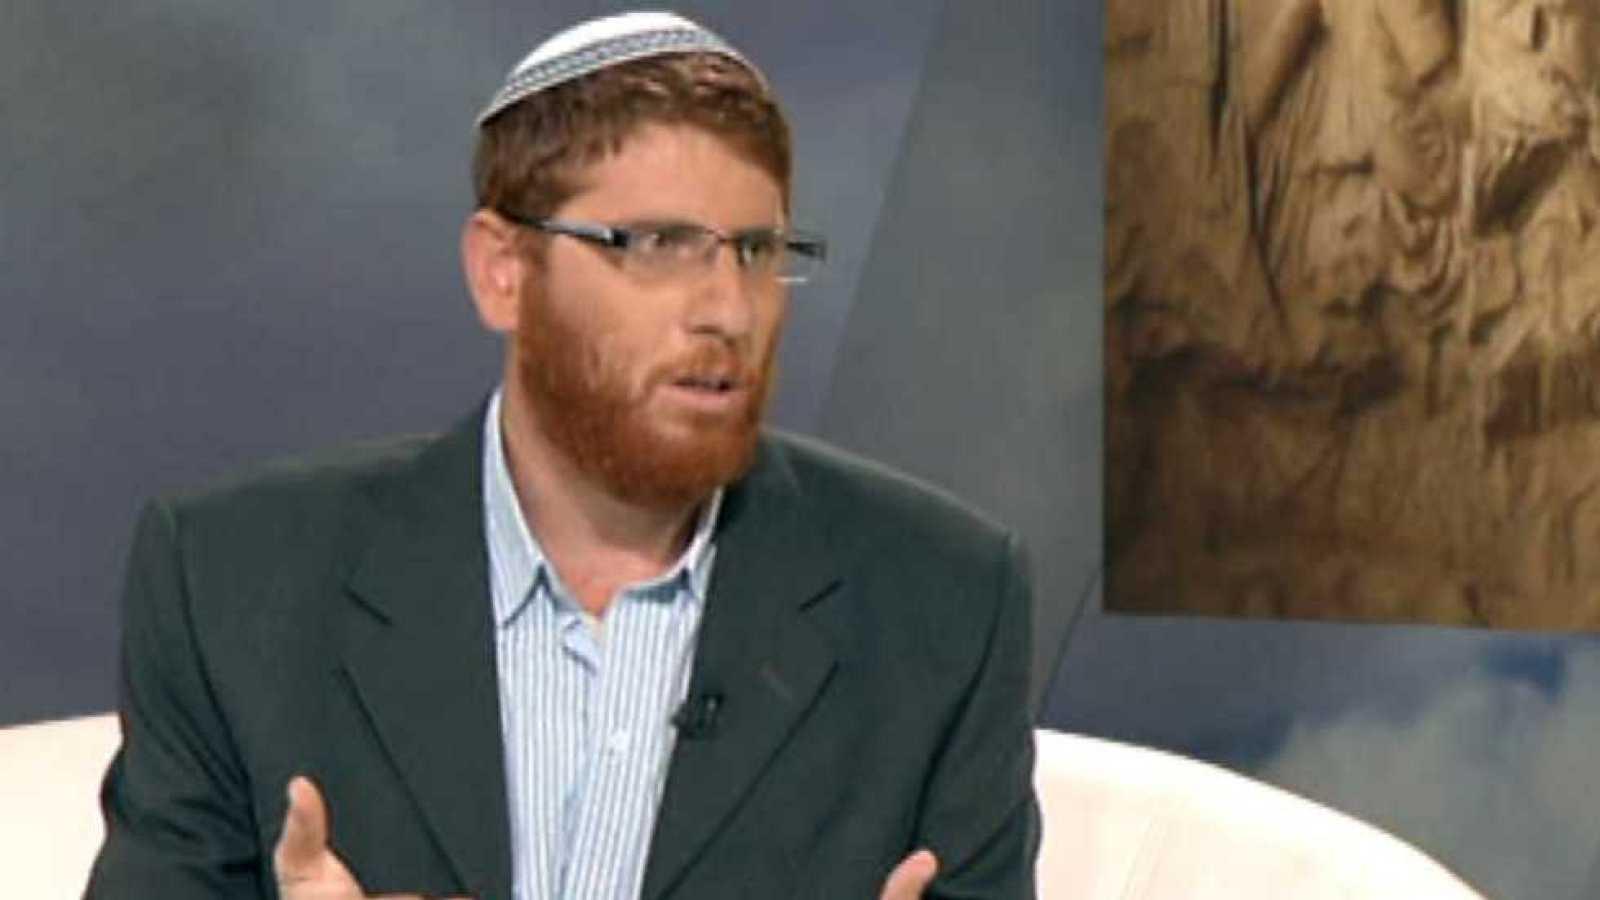 Shalom - Yom Hazikaron, un día para recordar - Ver ahora